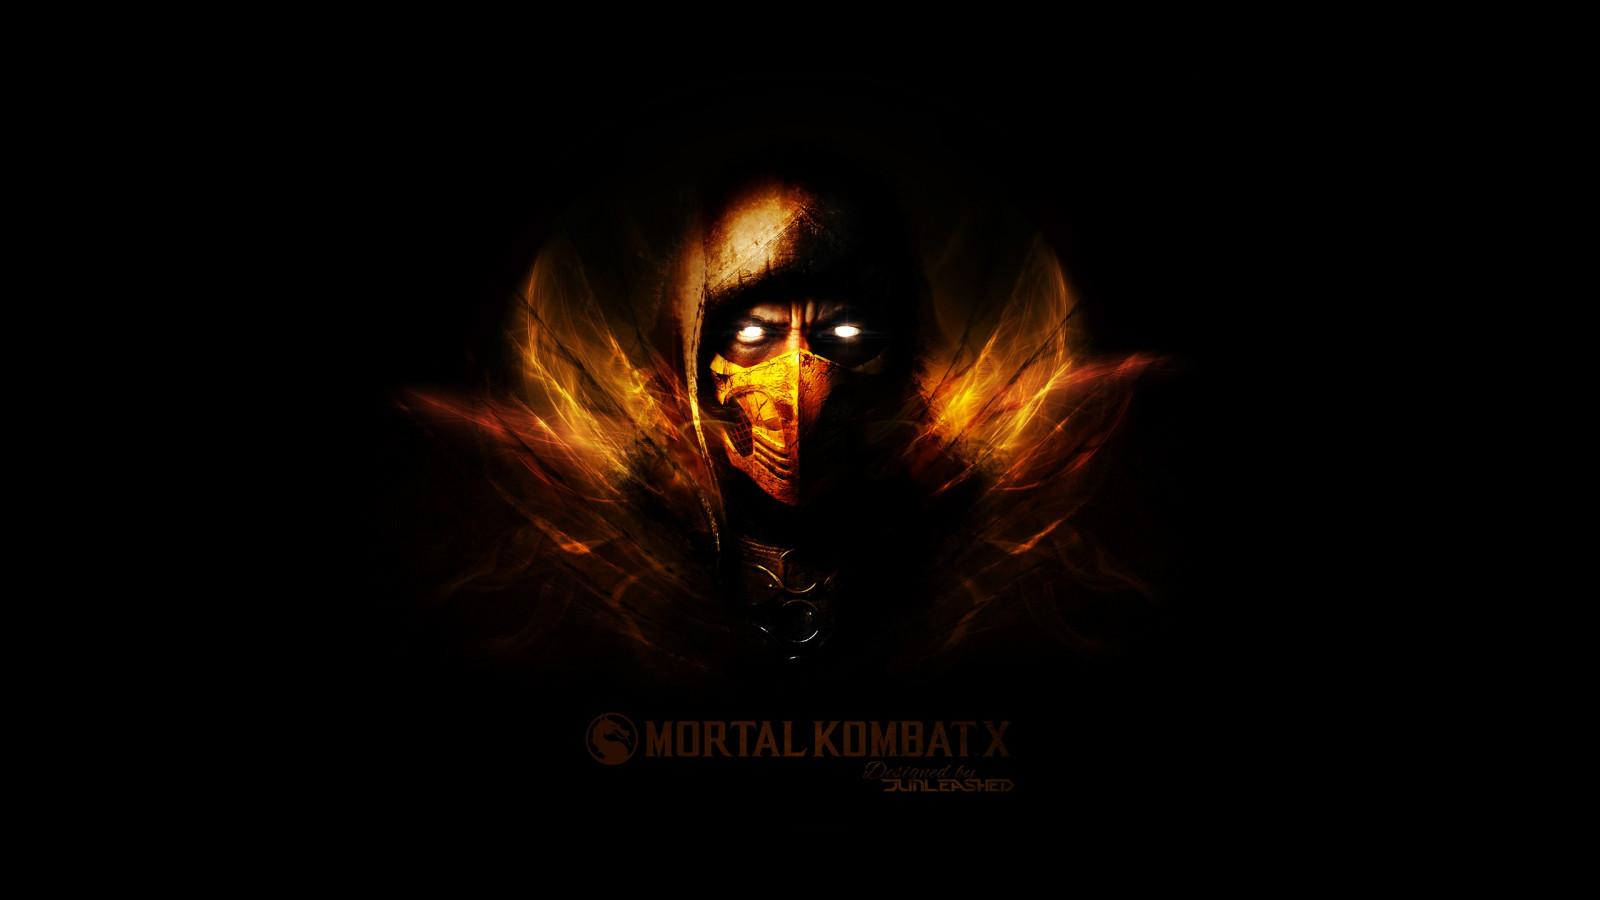 Wallpaper 2560x1440 Px Mortal Kombat Mortal Kombat X Scorpion